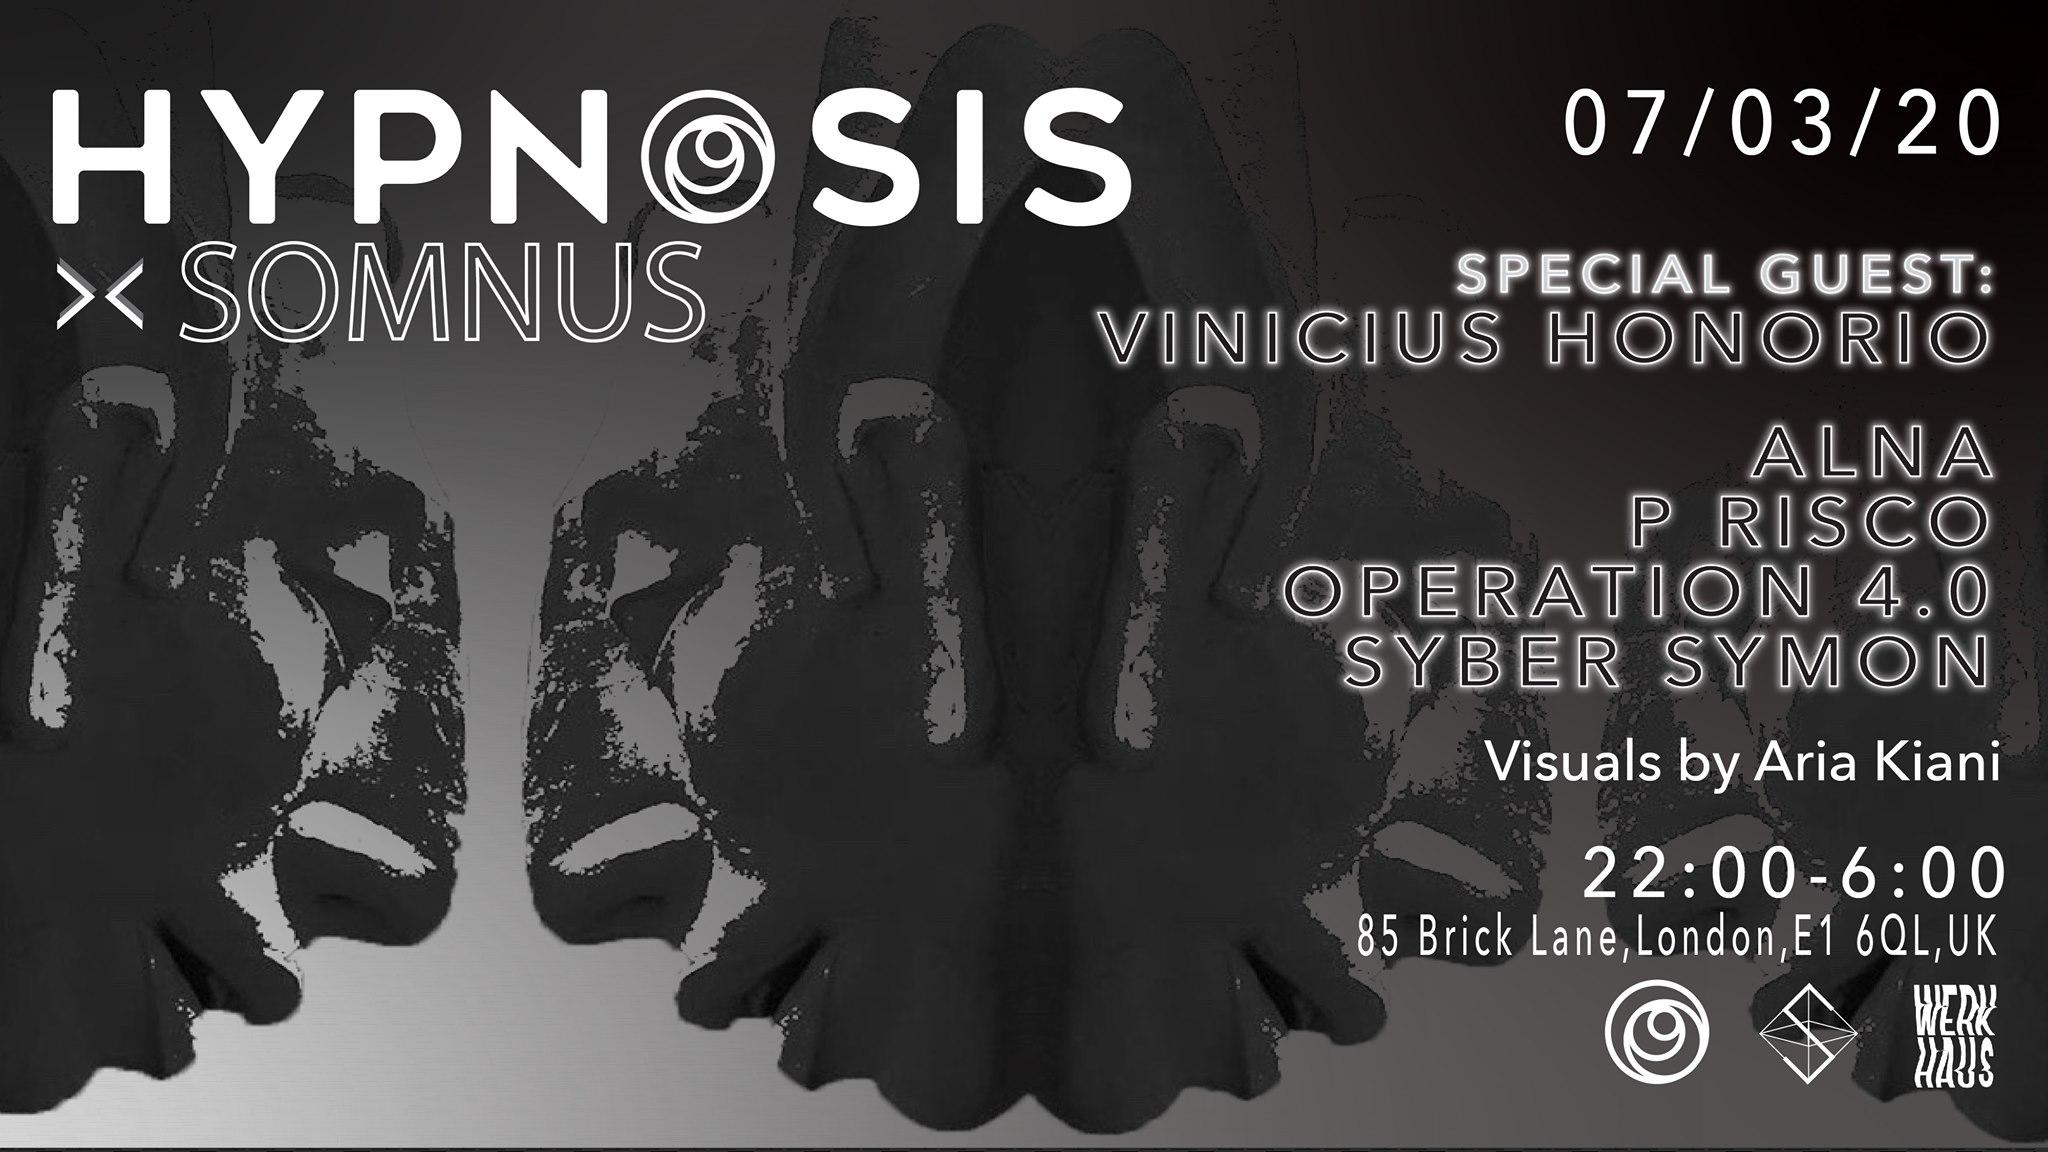 Hypnosis x Somnus w/ Vinicius Honorio, ALNA, P RISCO & more